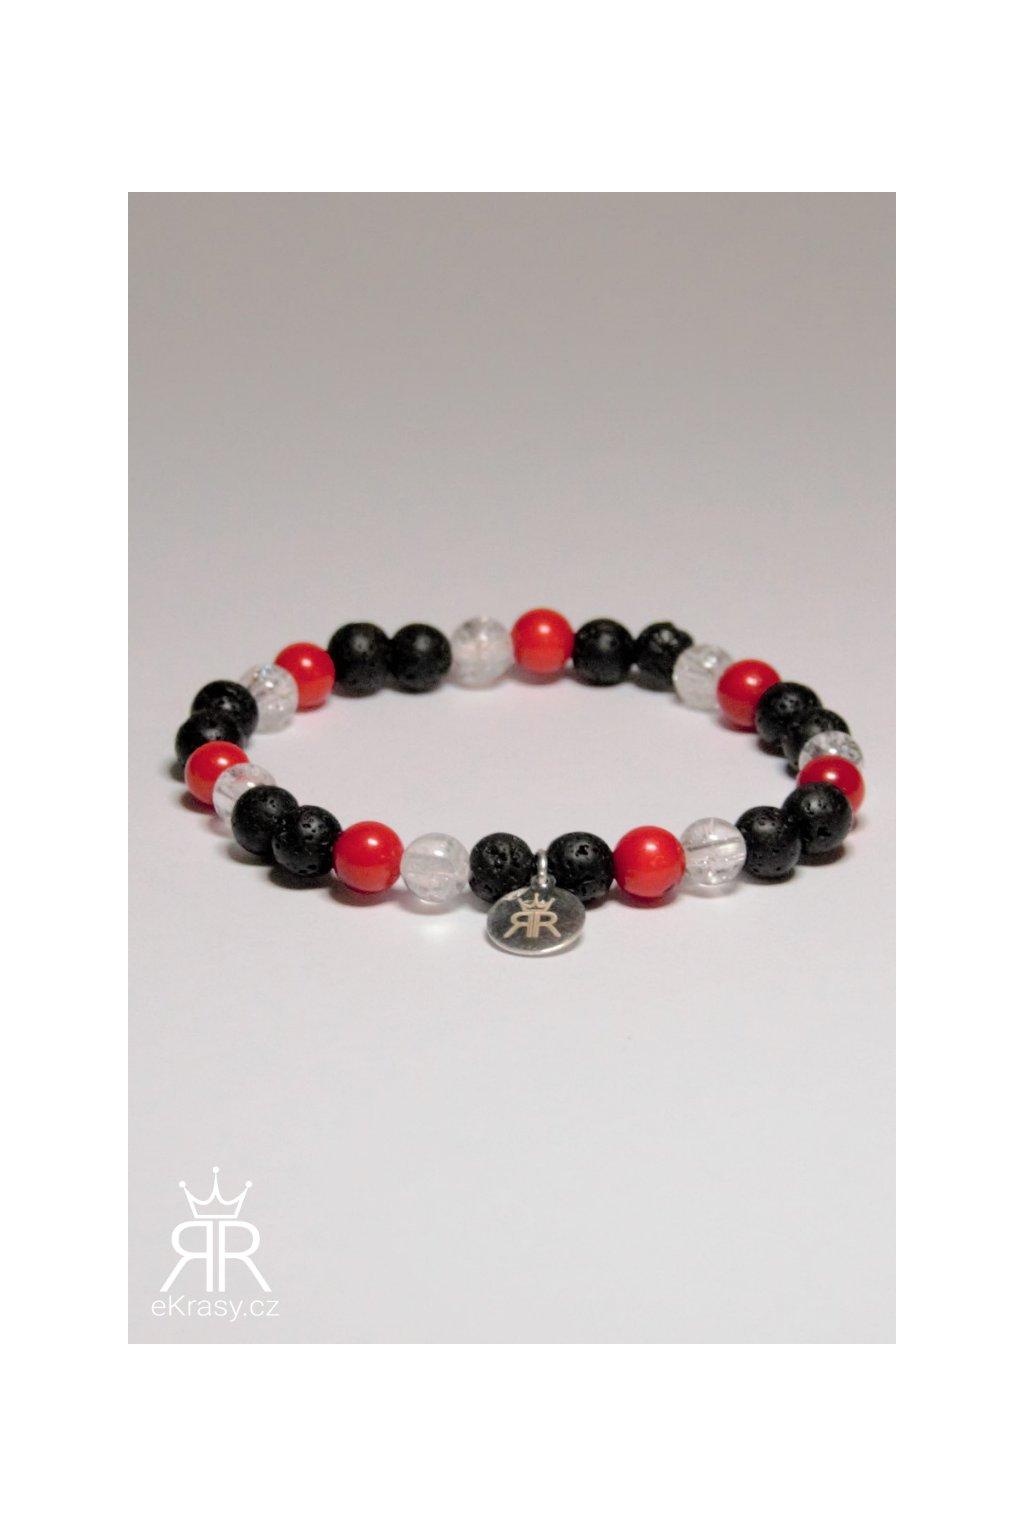 Korál červený, Láva černá, Křišťál drcený náramek (1)